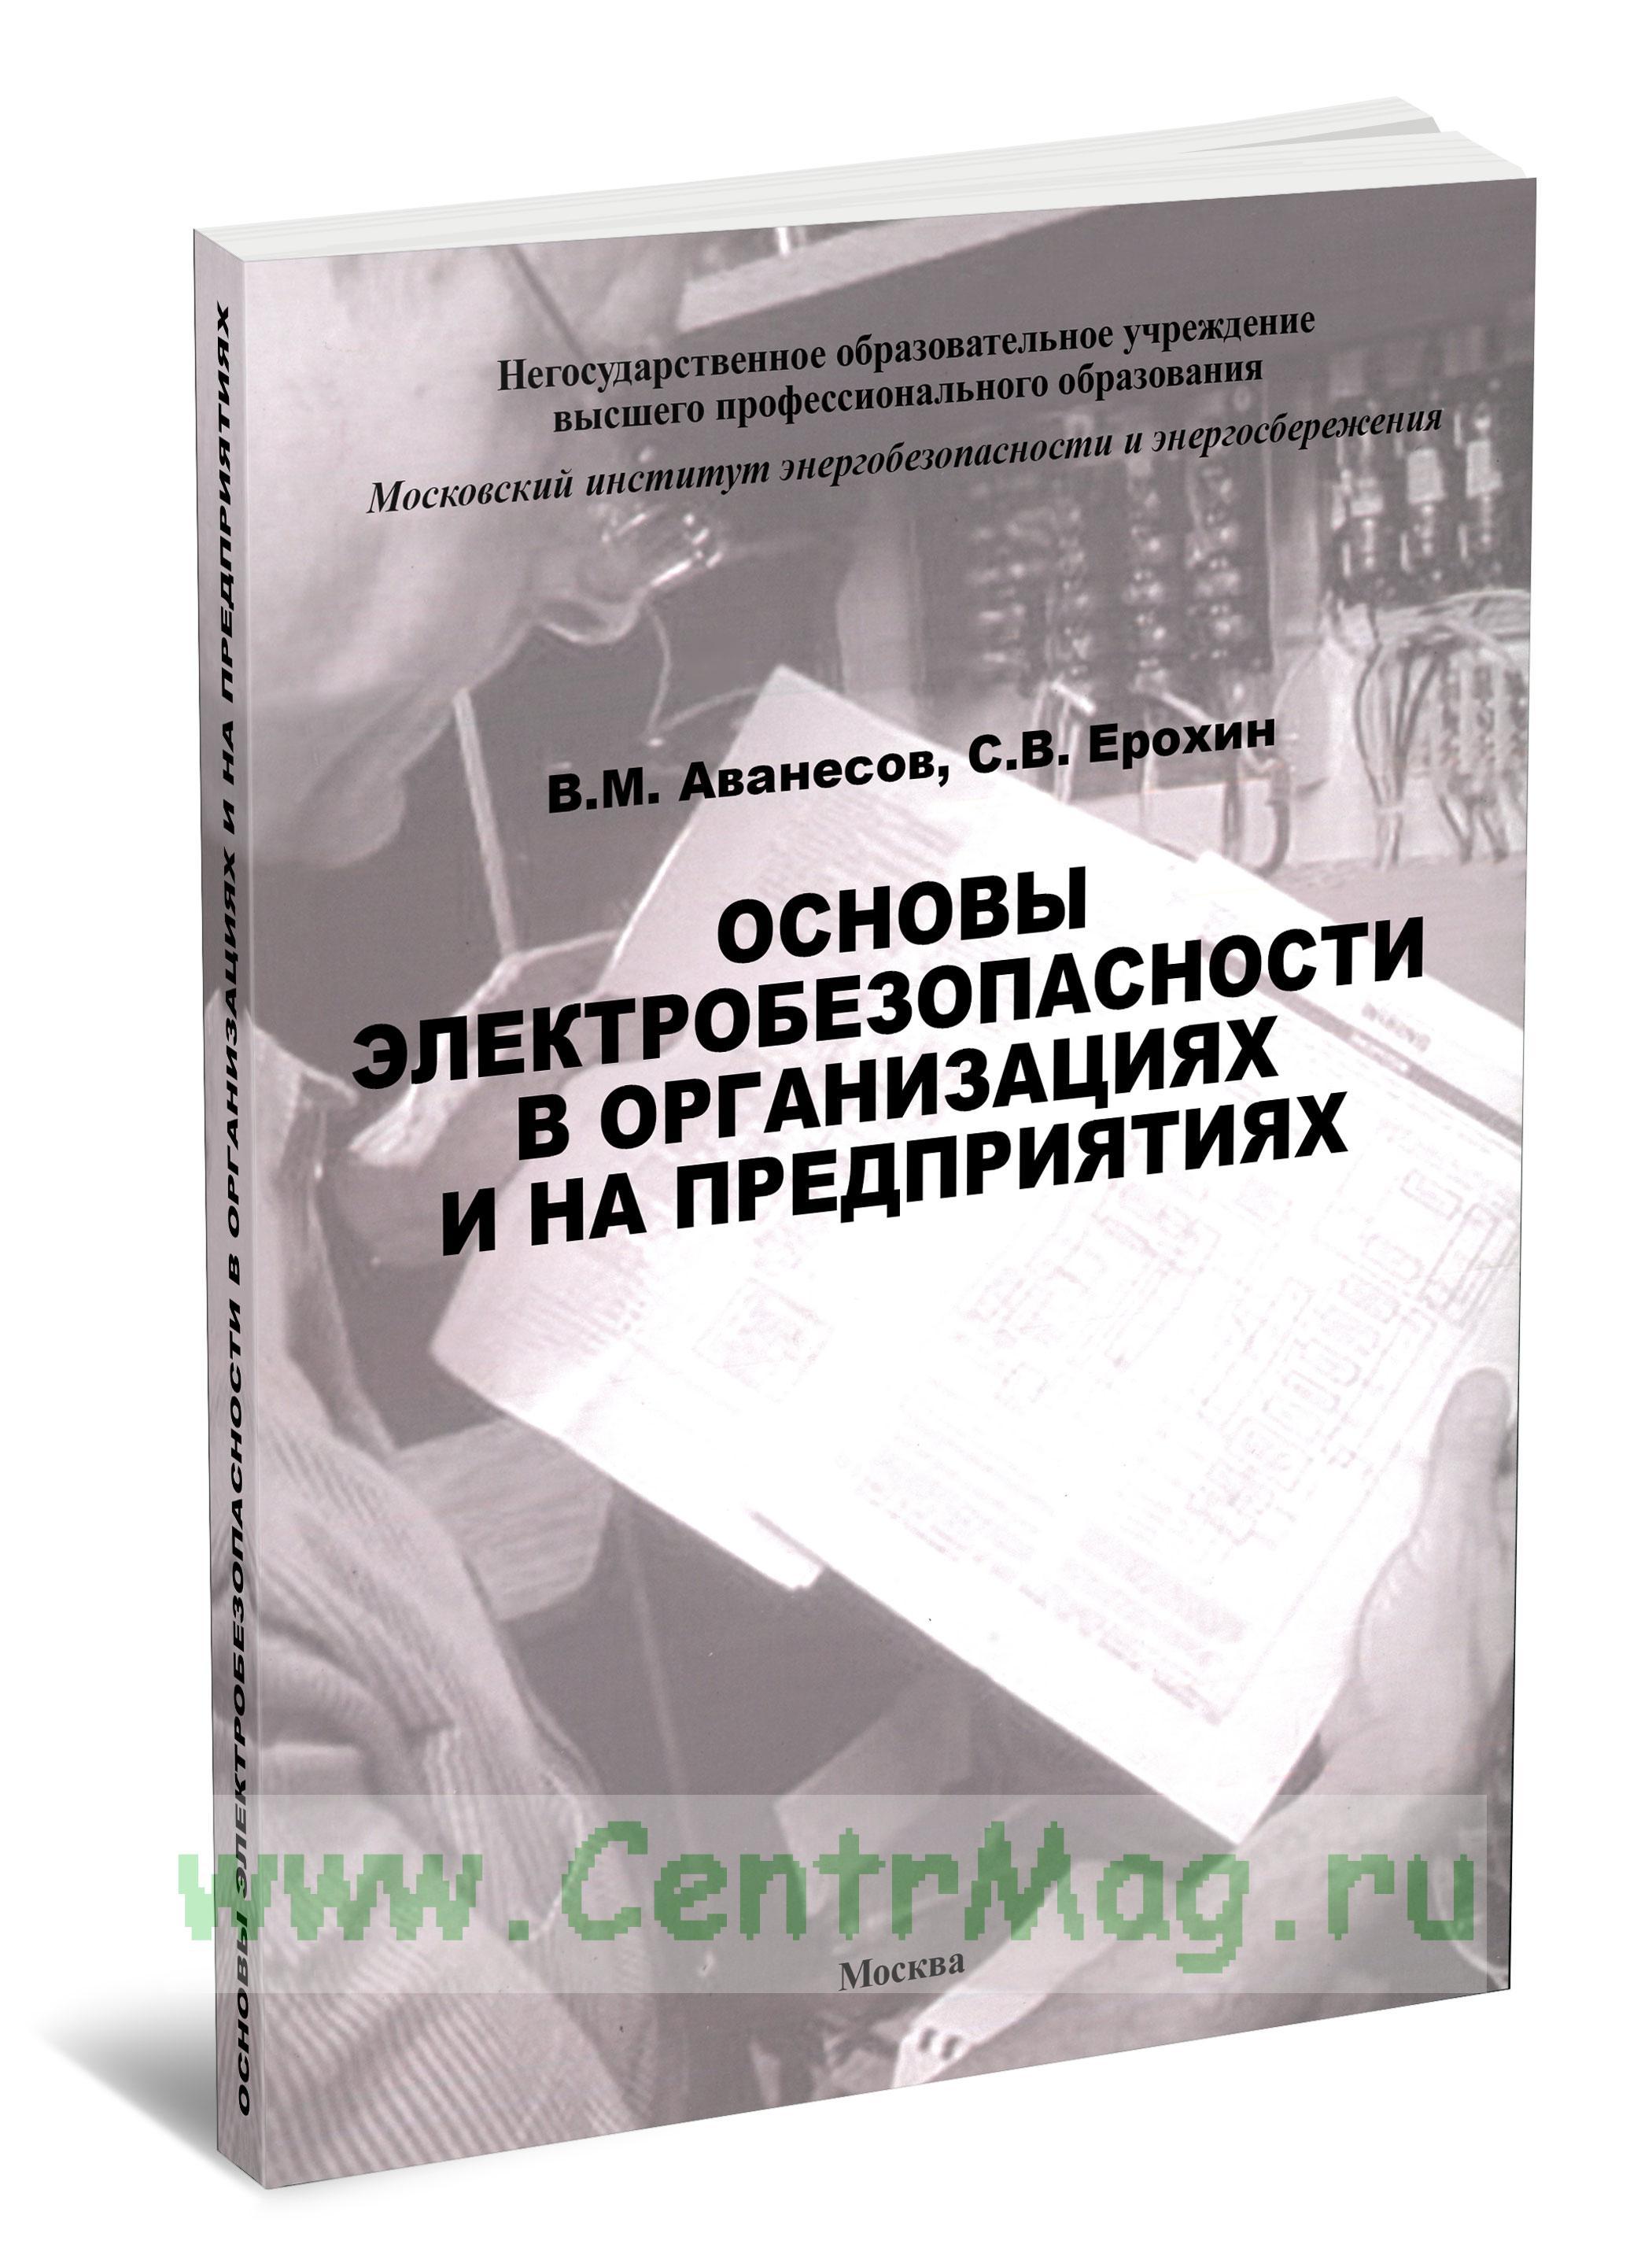 Основы электробезопасности в организациях и на предприятиях (4-е издание, переработанное и дополненное)